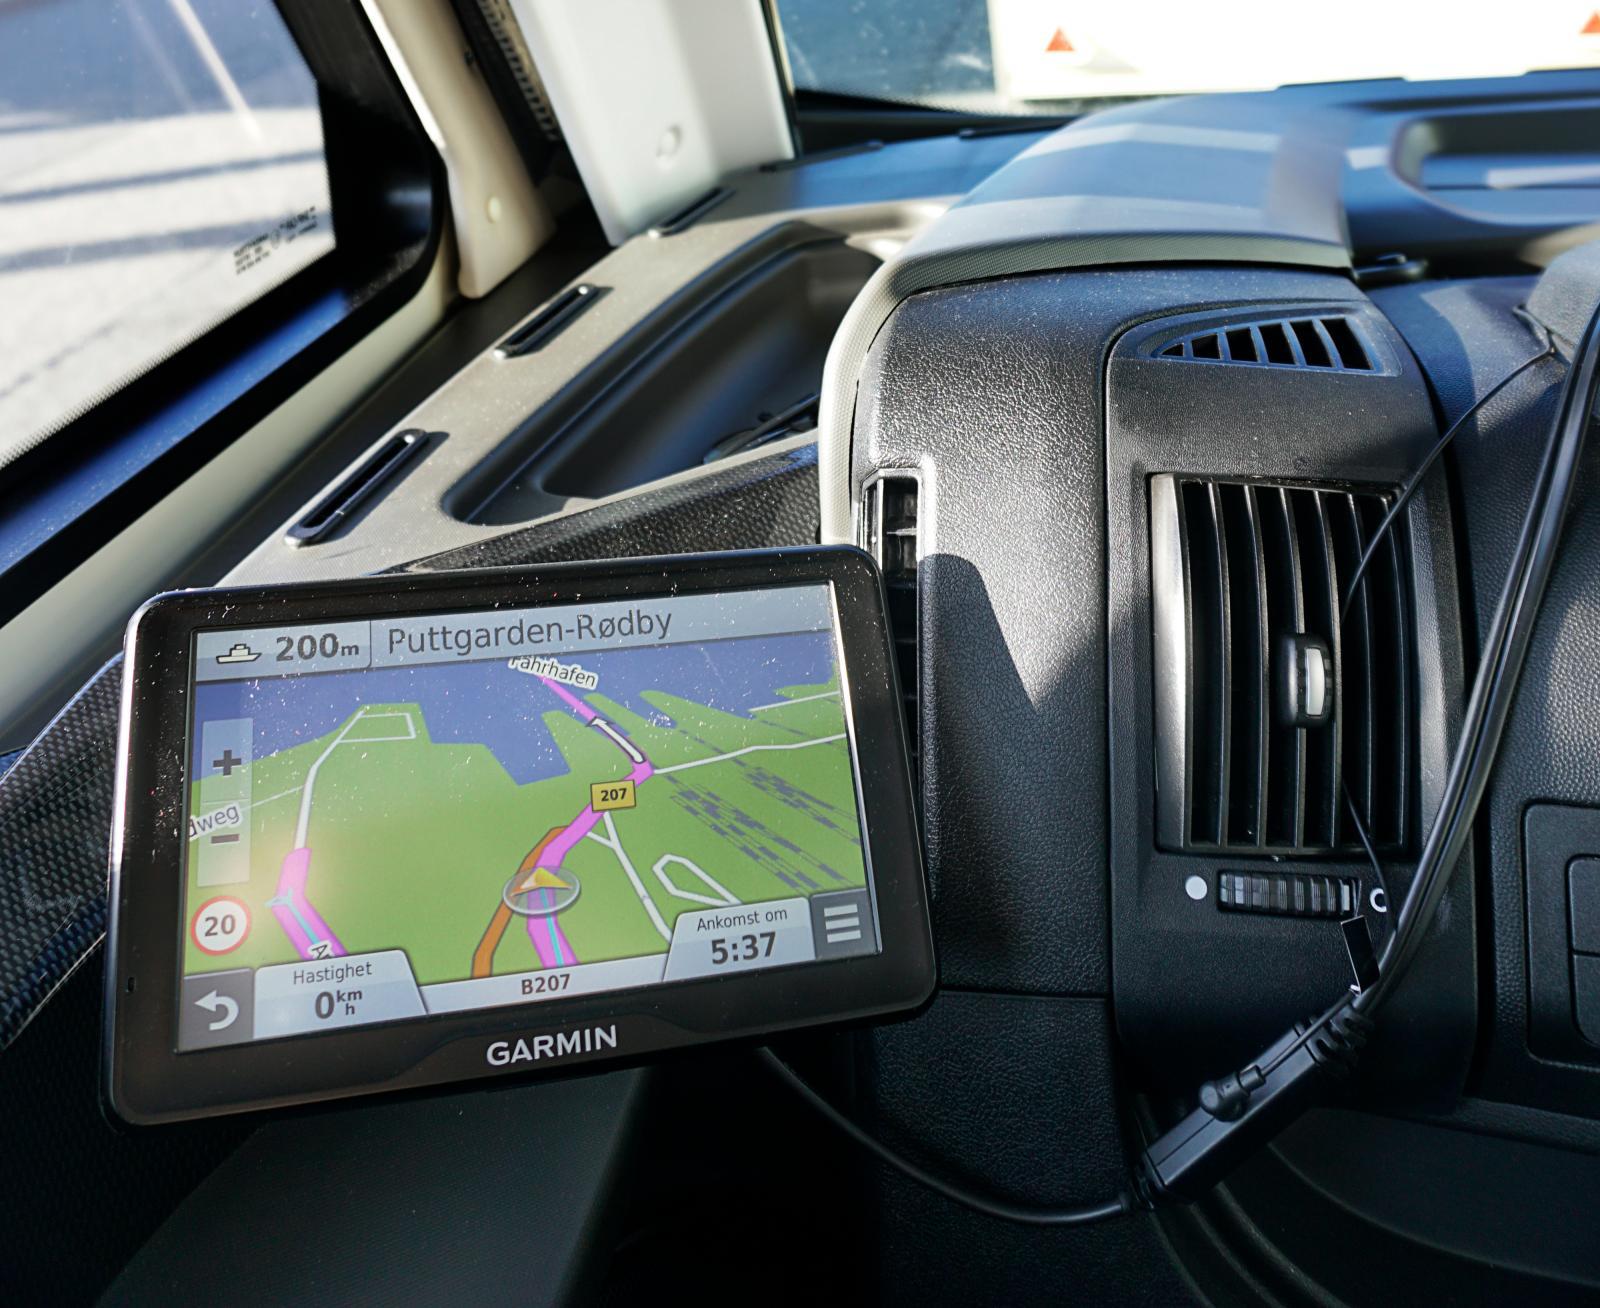 Ställ in GPS:en på nästa land redan innan överfarten så slipper du köra fel direkt på andra sidan.